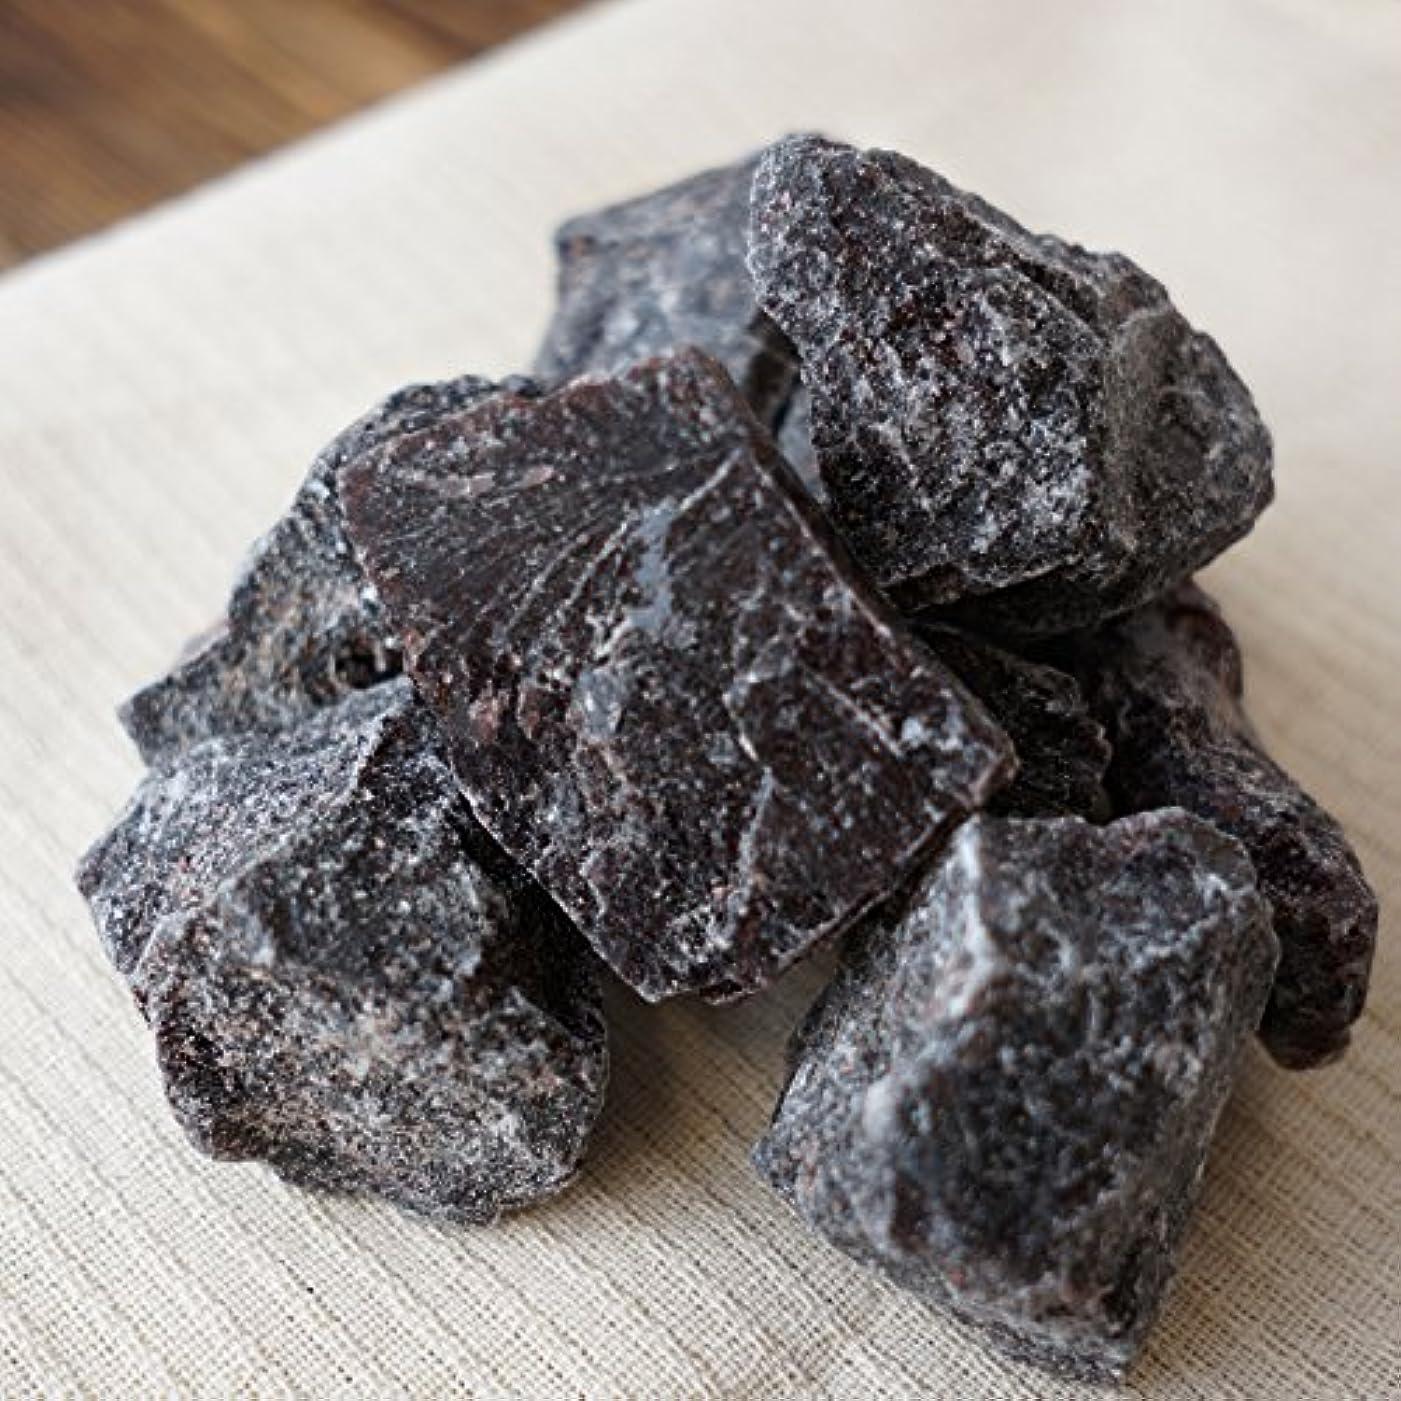 次へ温かい光希少 インド岩塩 ルビー ブロック 約2-5cm 5,000g 原料